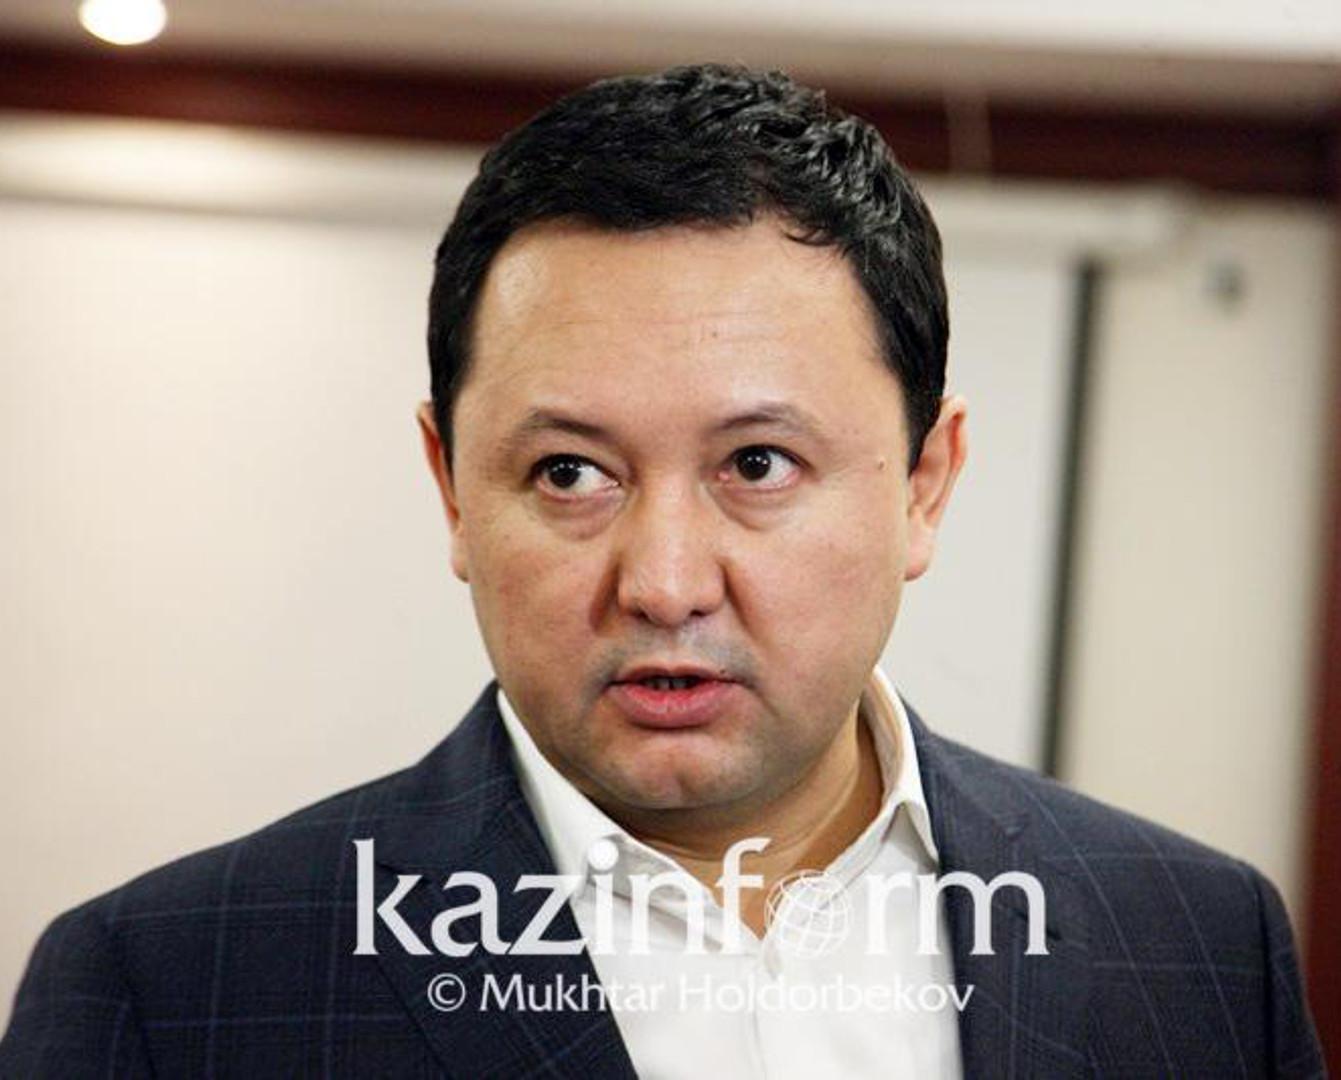 Казахстан возможно примет участие в Евровидении - Багдат Коджахметов